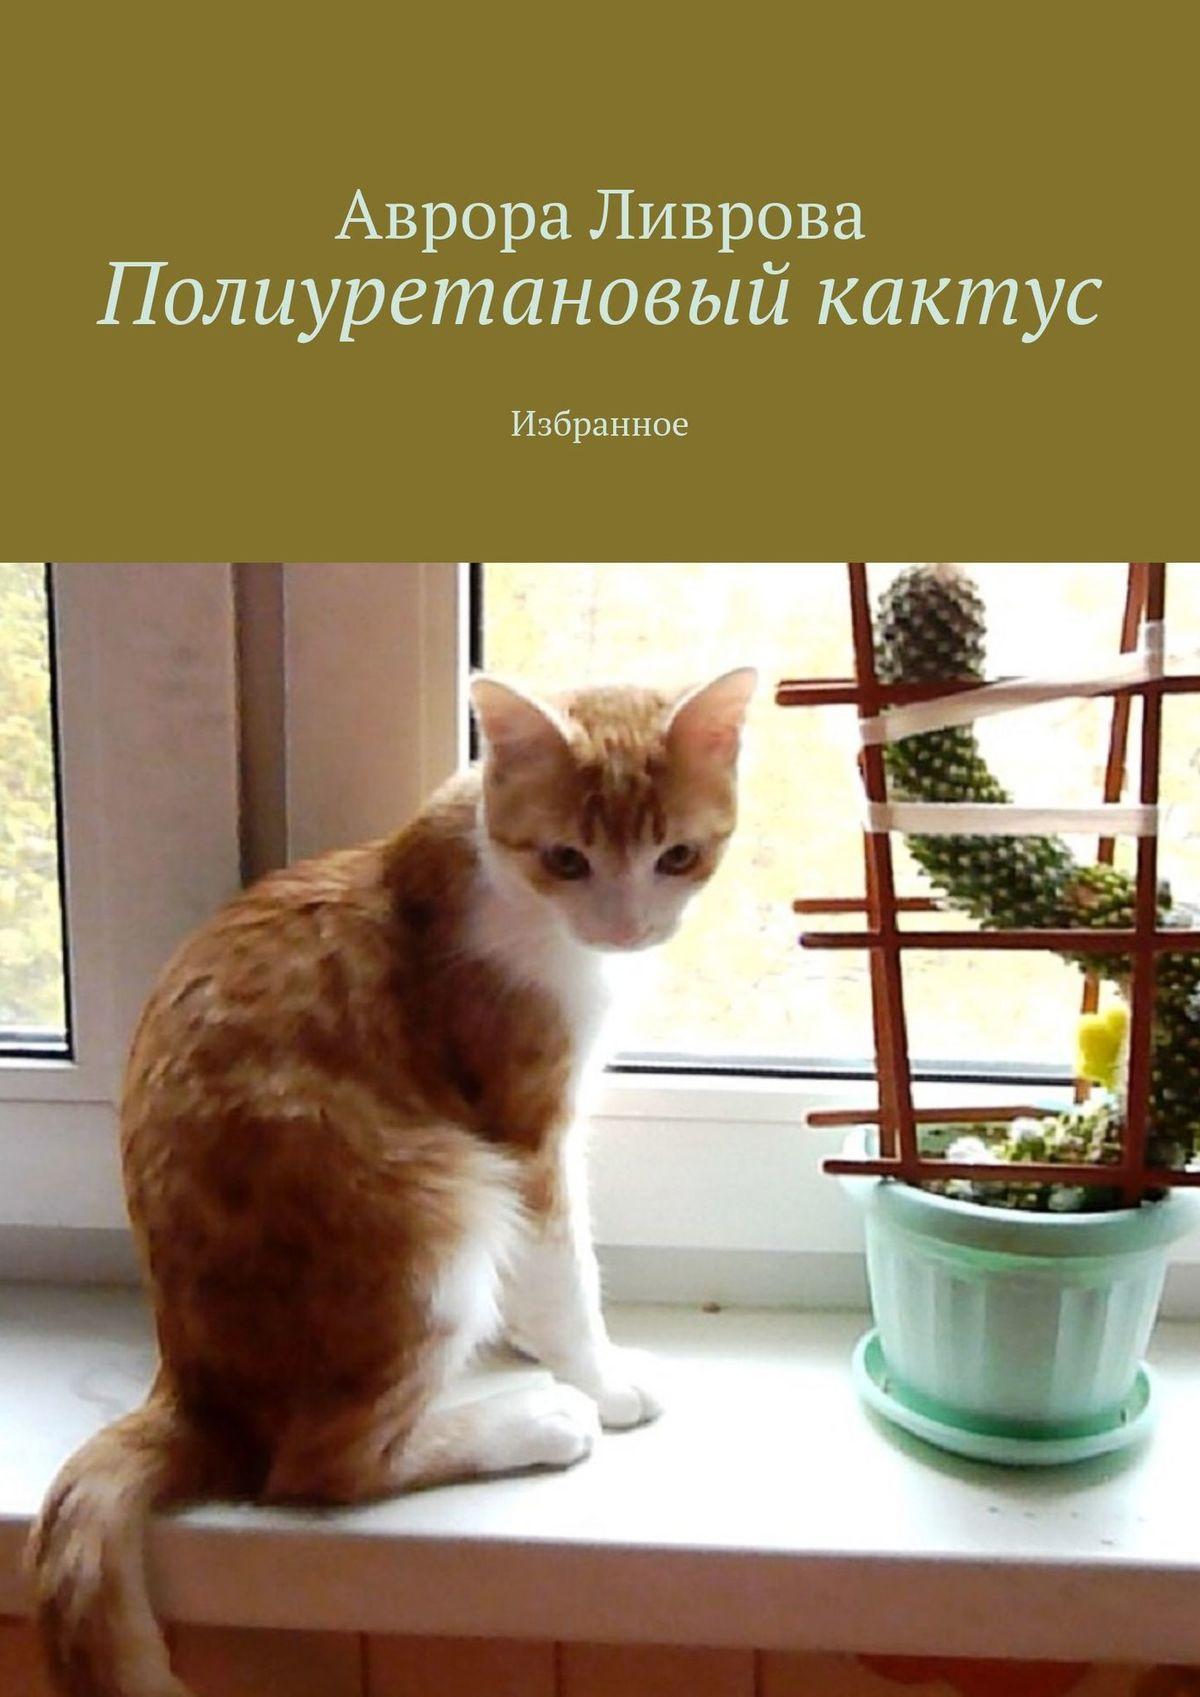 Галина Шляхова Полиуретановый кактус. Избранное